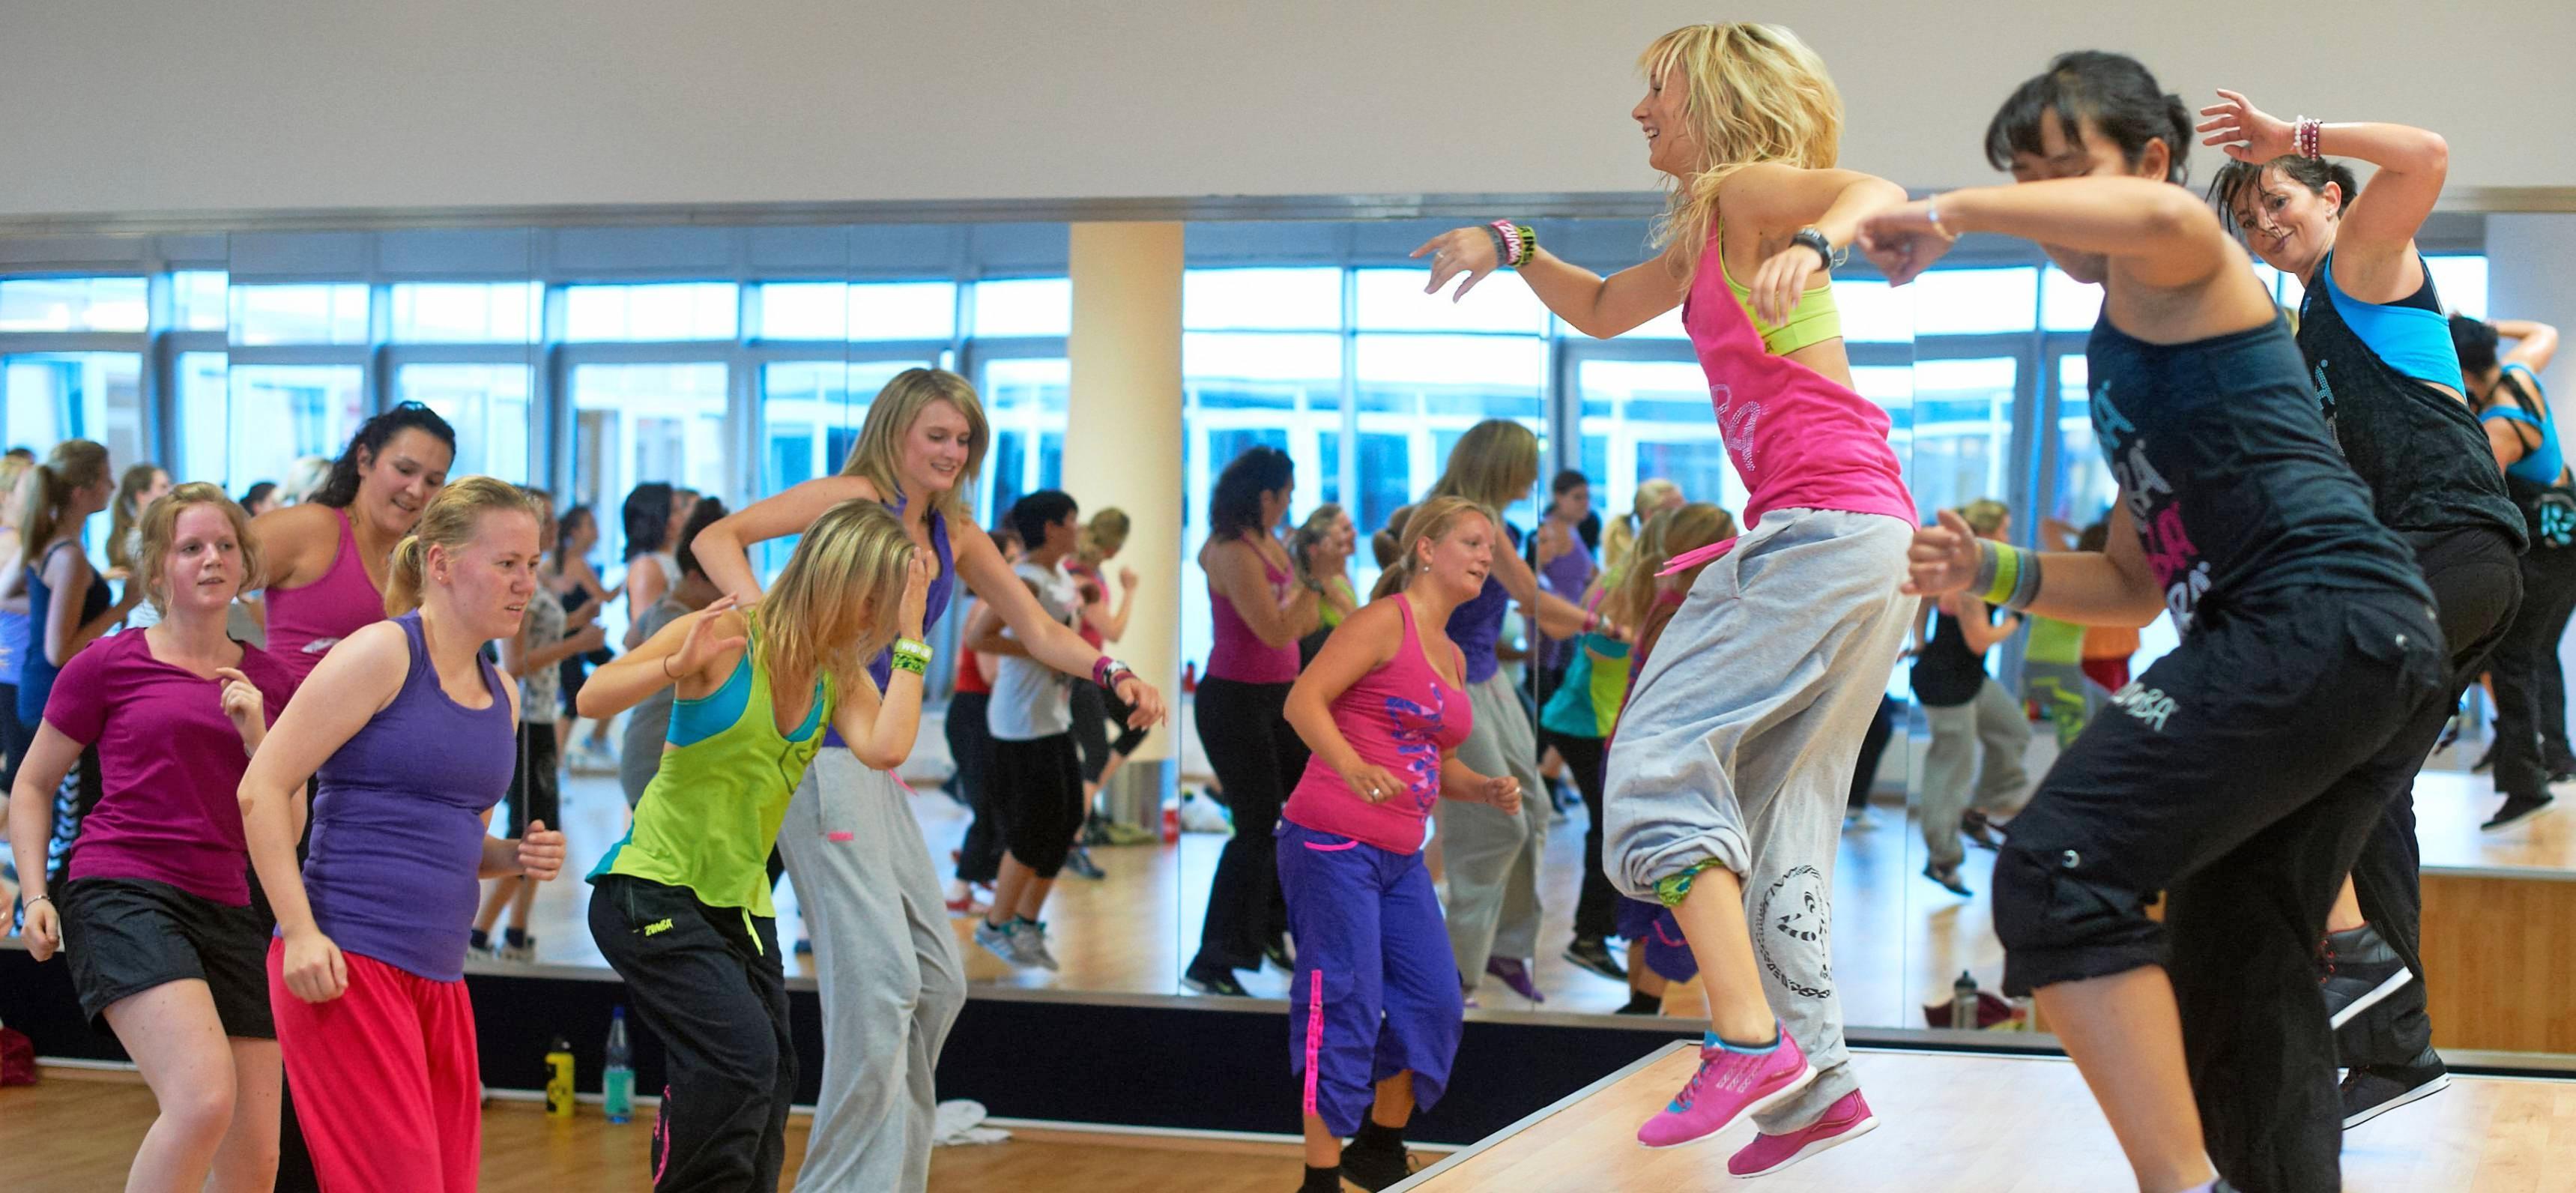 Ob im Studio oder im Verein, ob Zumba oder Bokwa: Tanzen macht Spaß und hält fit, finden viele Leute. Vor allem bei Frauen ist diese Art, Sport zu treiben, äußerst beliebt. Foto: dpa